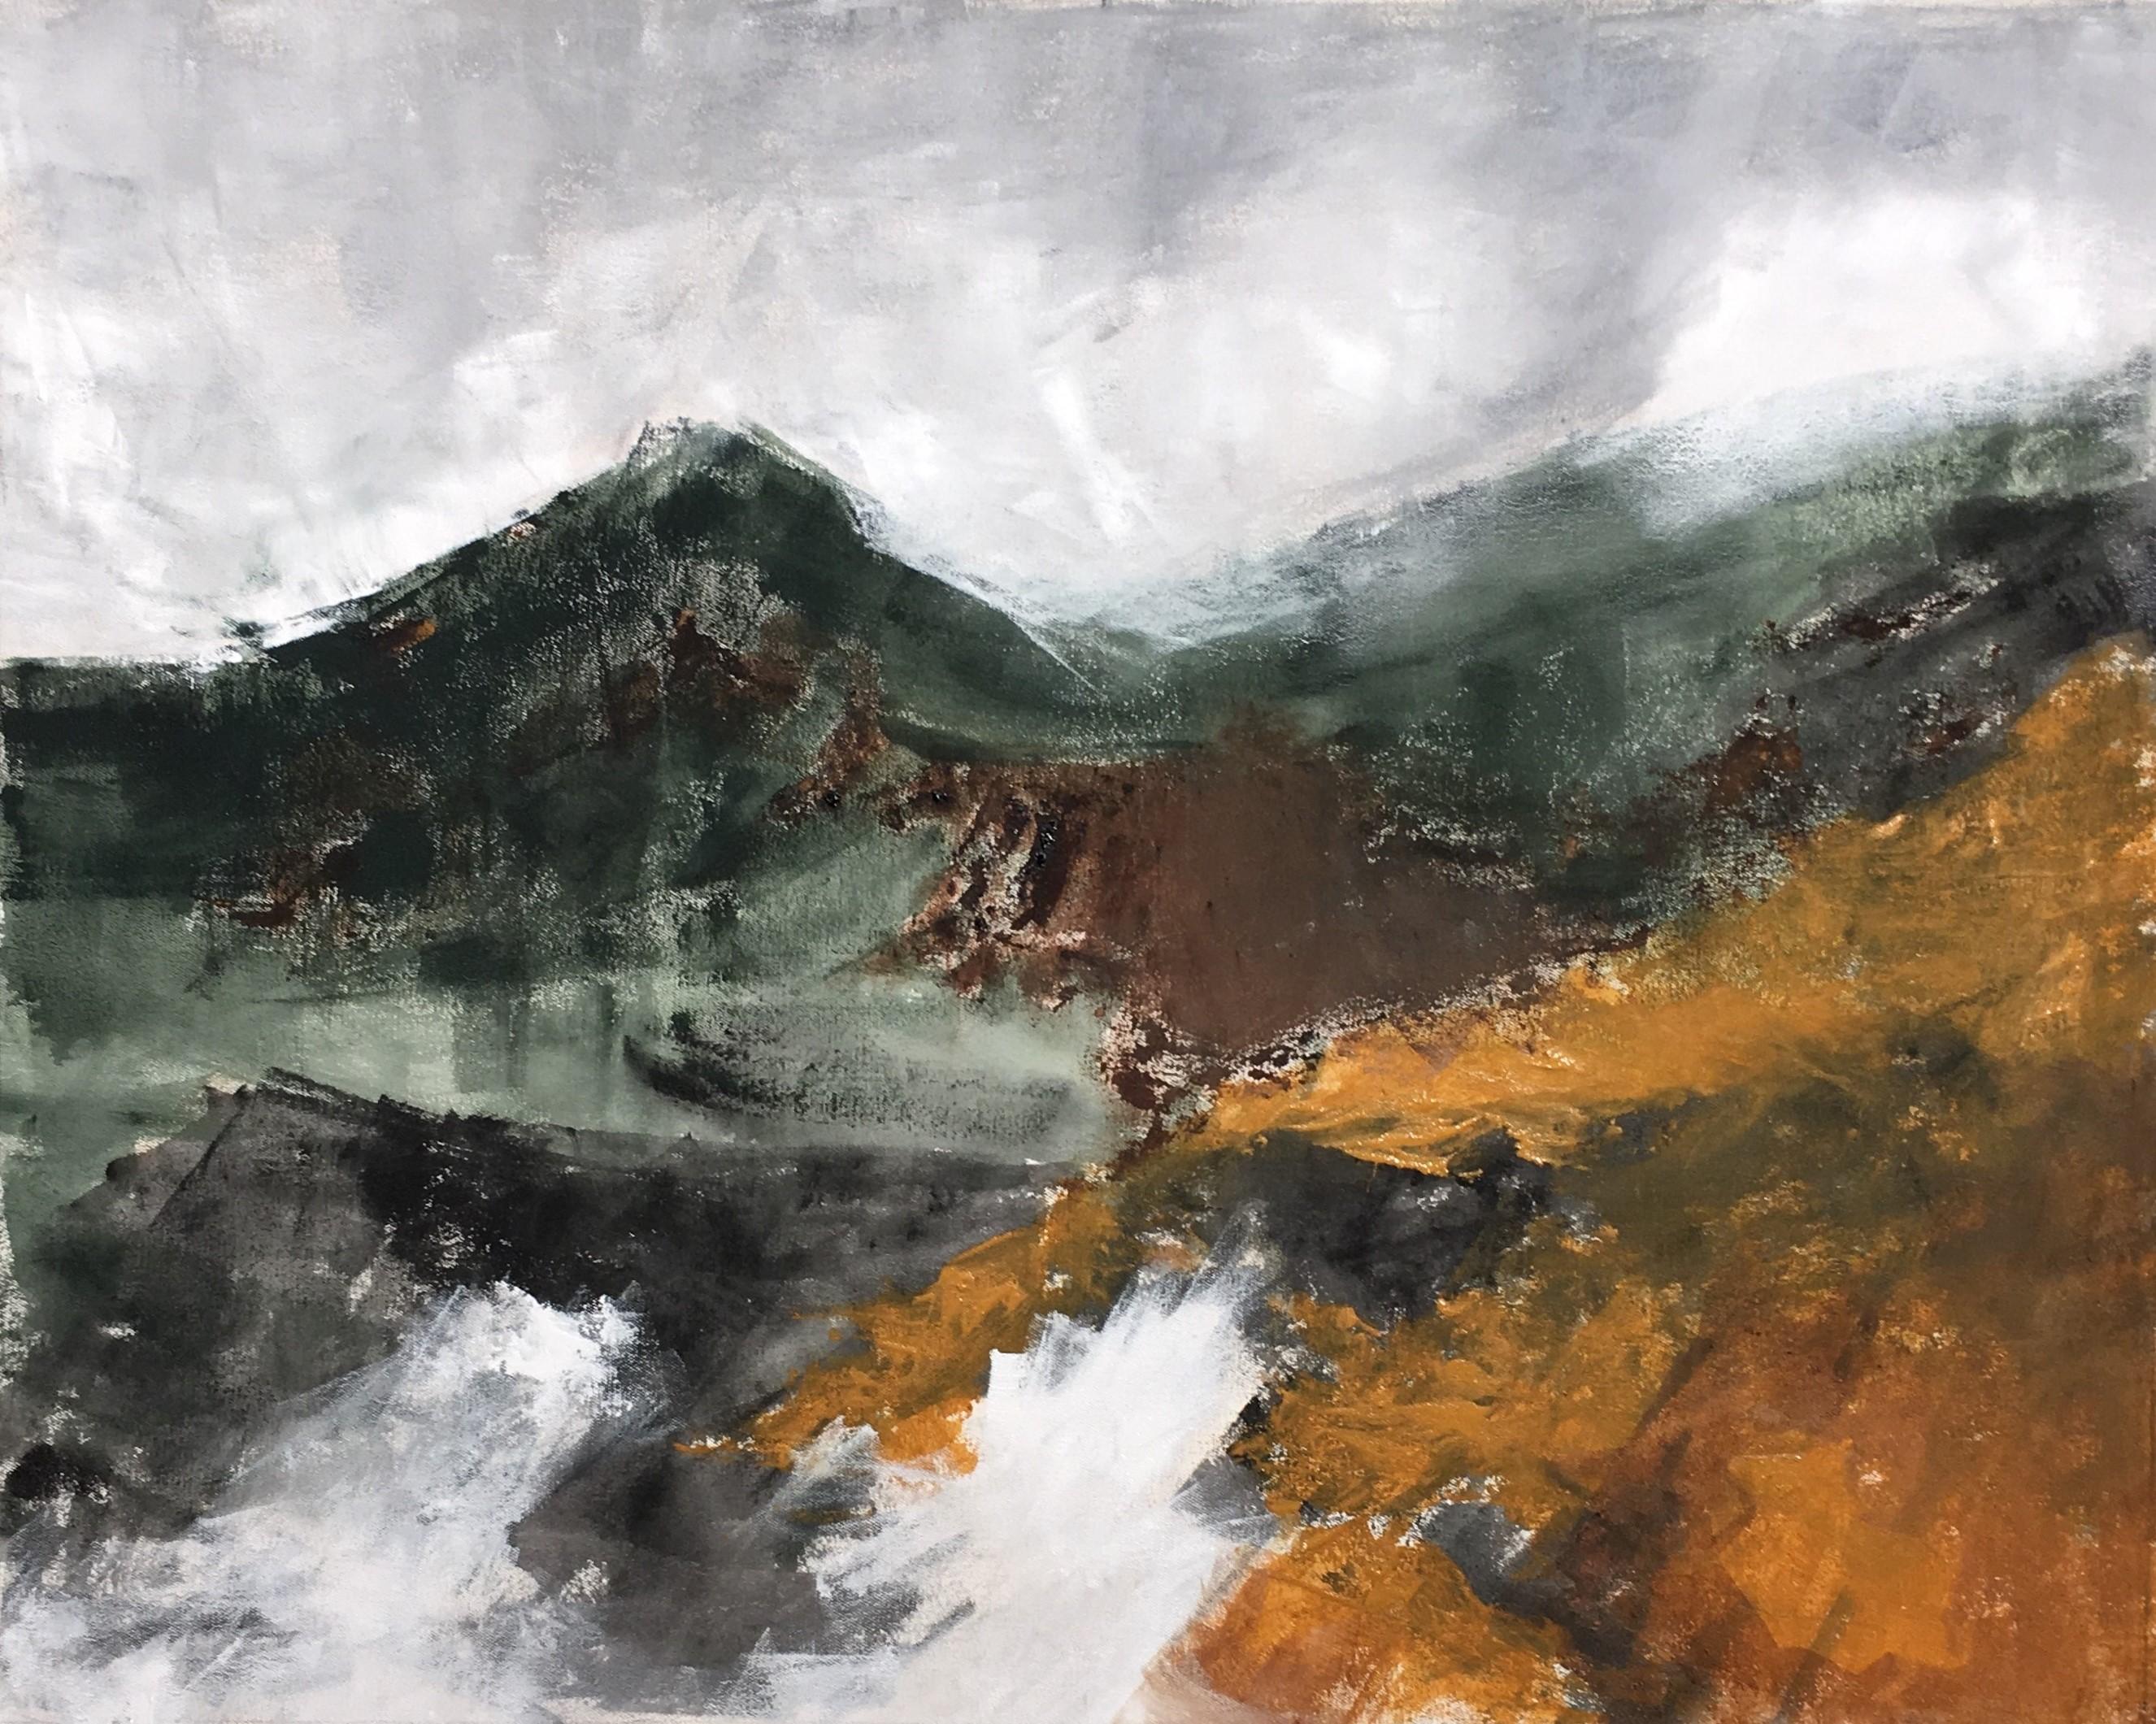 N° 8017 - Paysage - Acrylique, pigments et brou de noix sur toile - 73 x 92 cm - 22 avril 2020